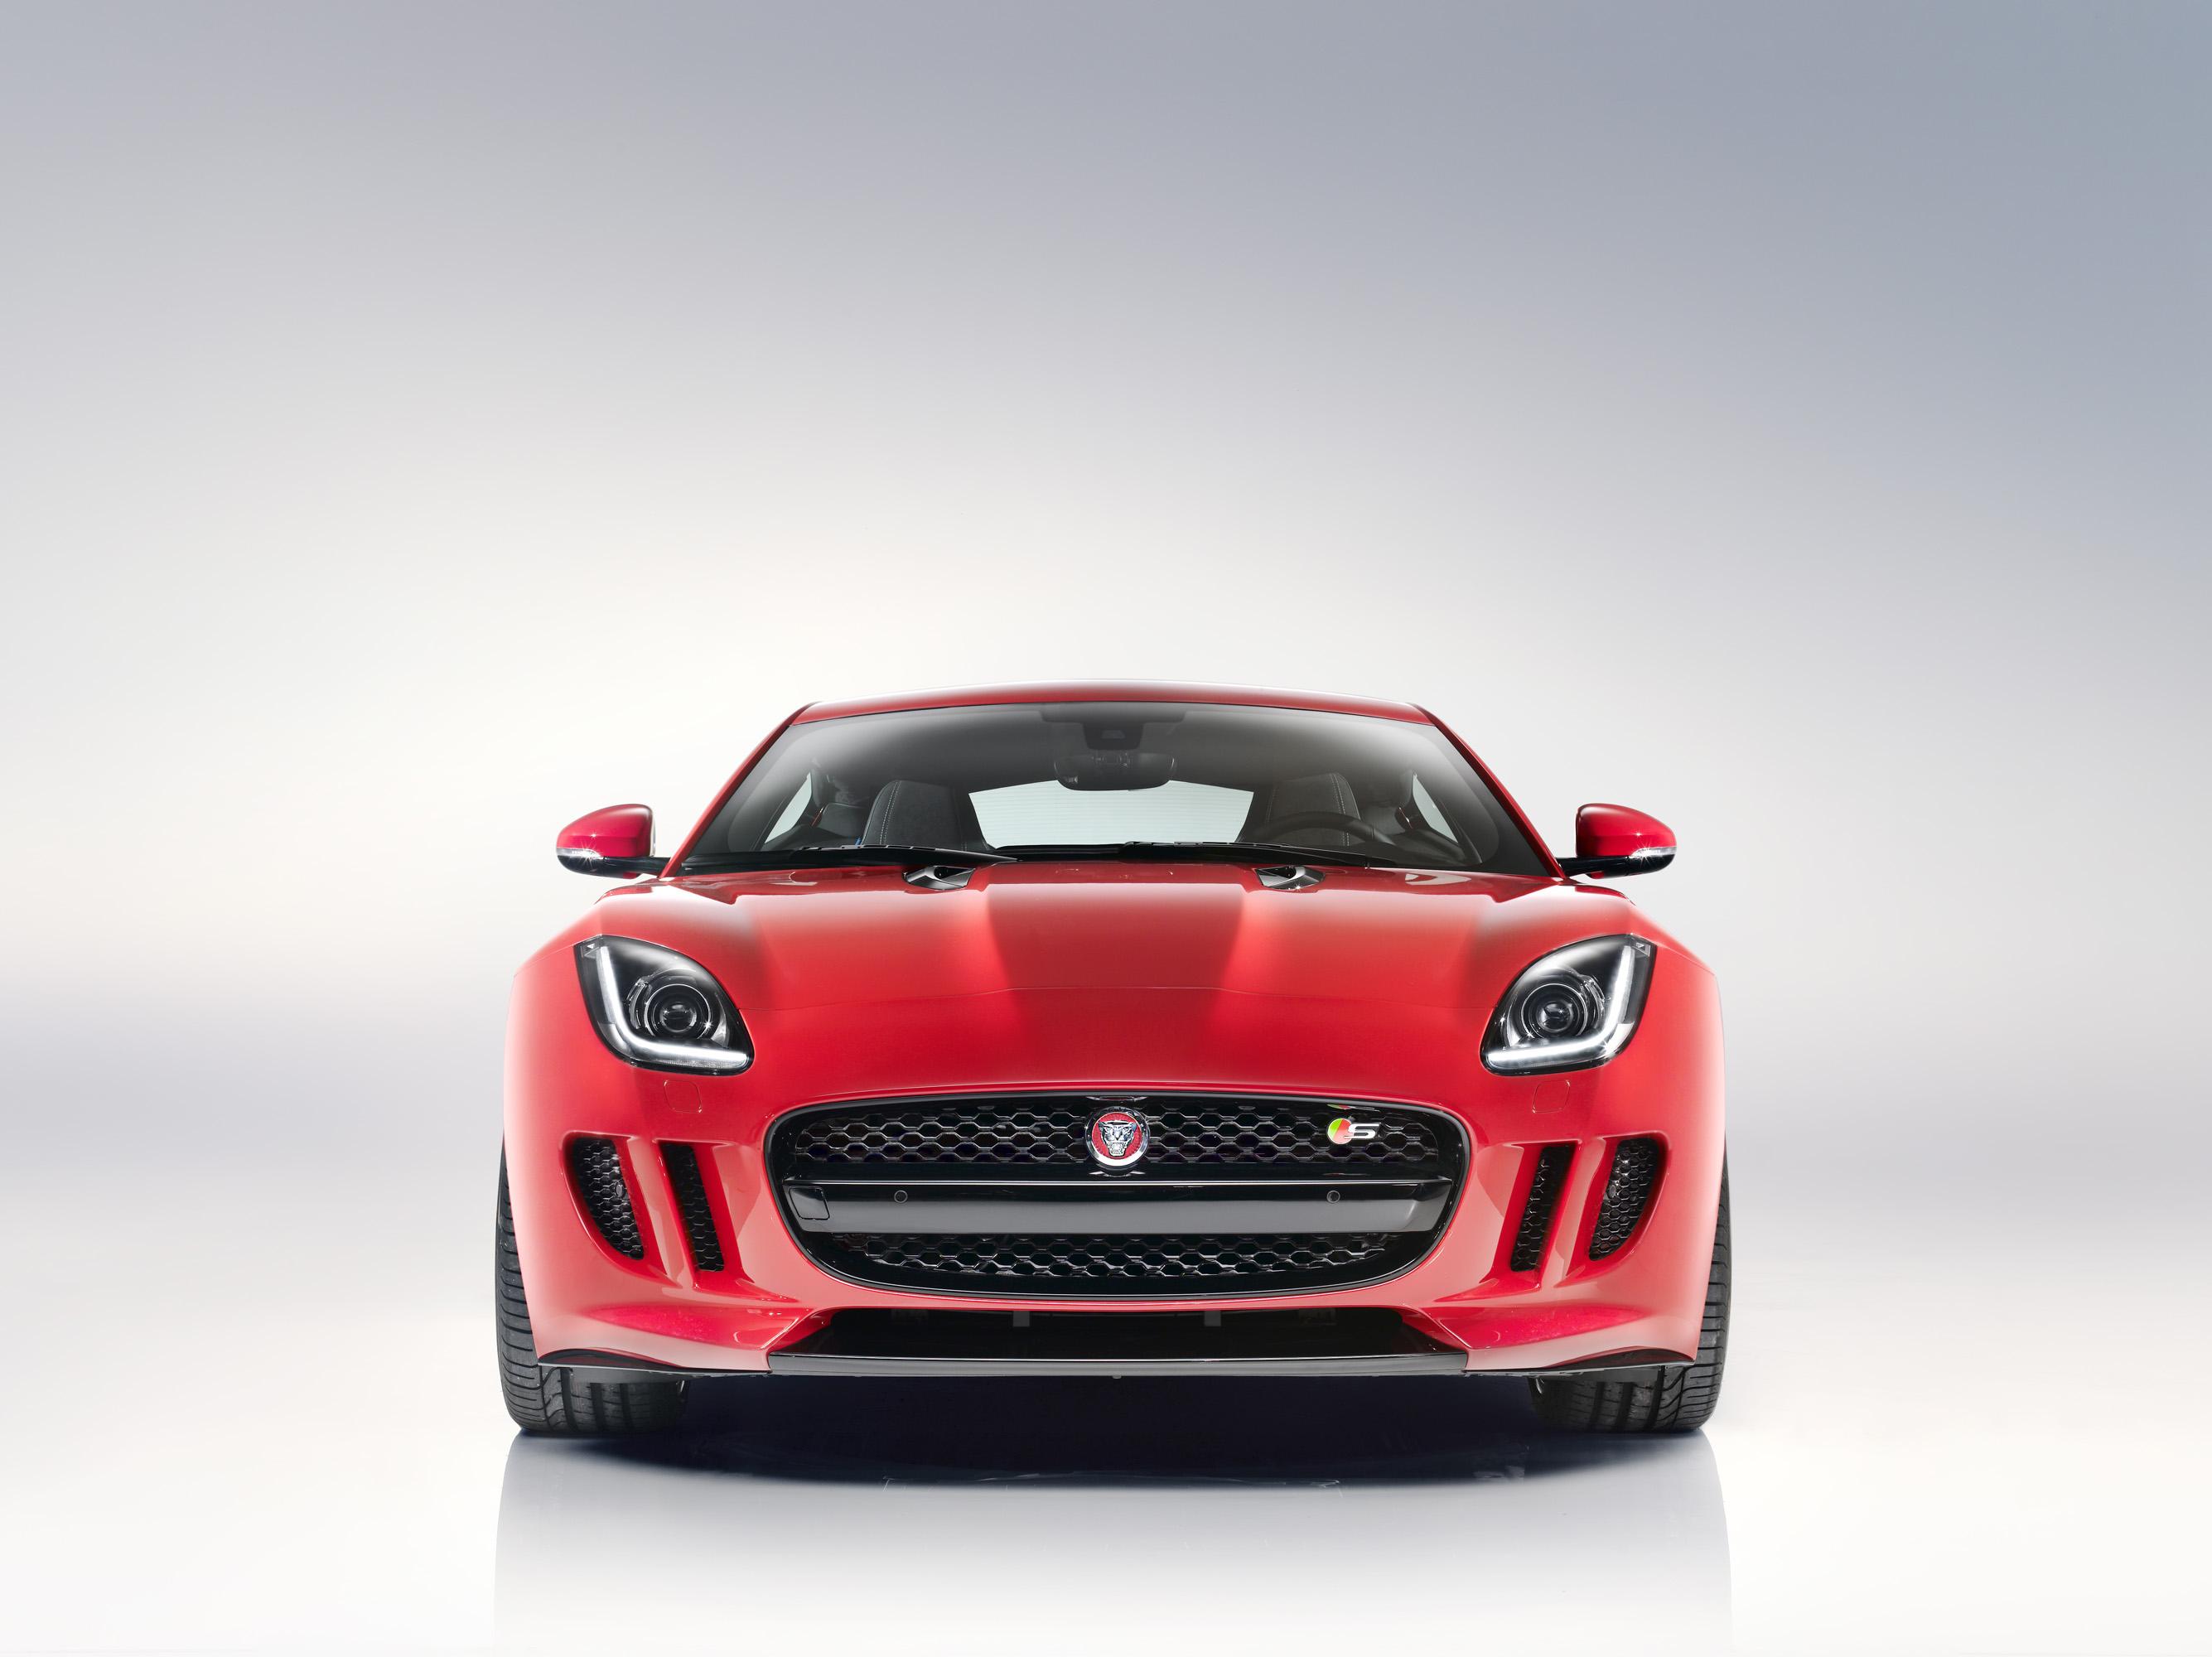 2015 Jaguar F-Type R Coupe - HD Pictures @ carsinvasion.com